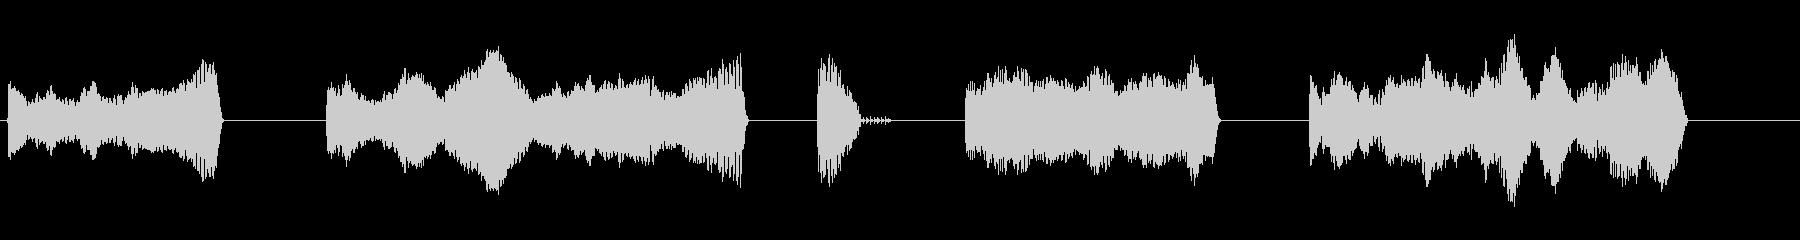 ランブル、シンセローの未再生の波形